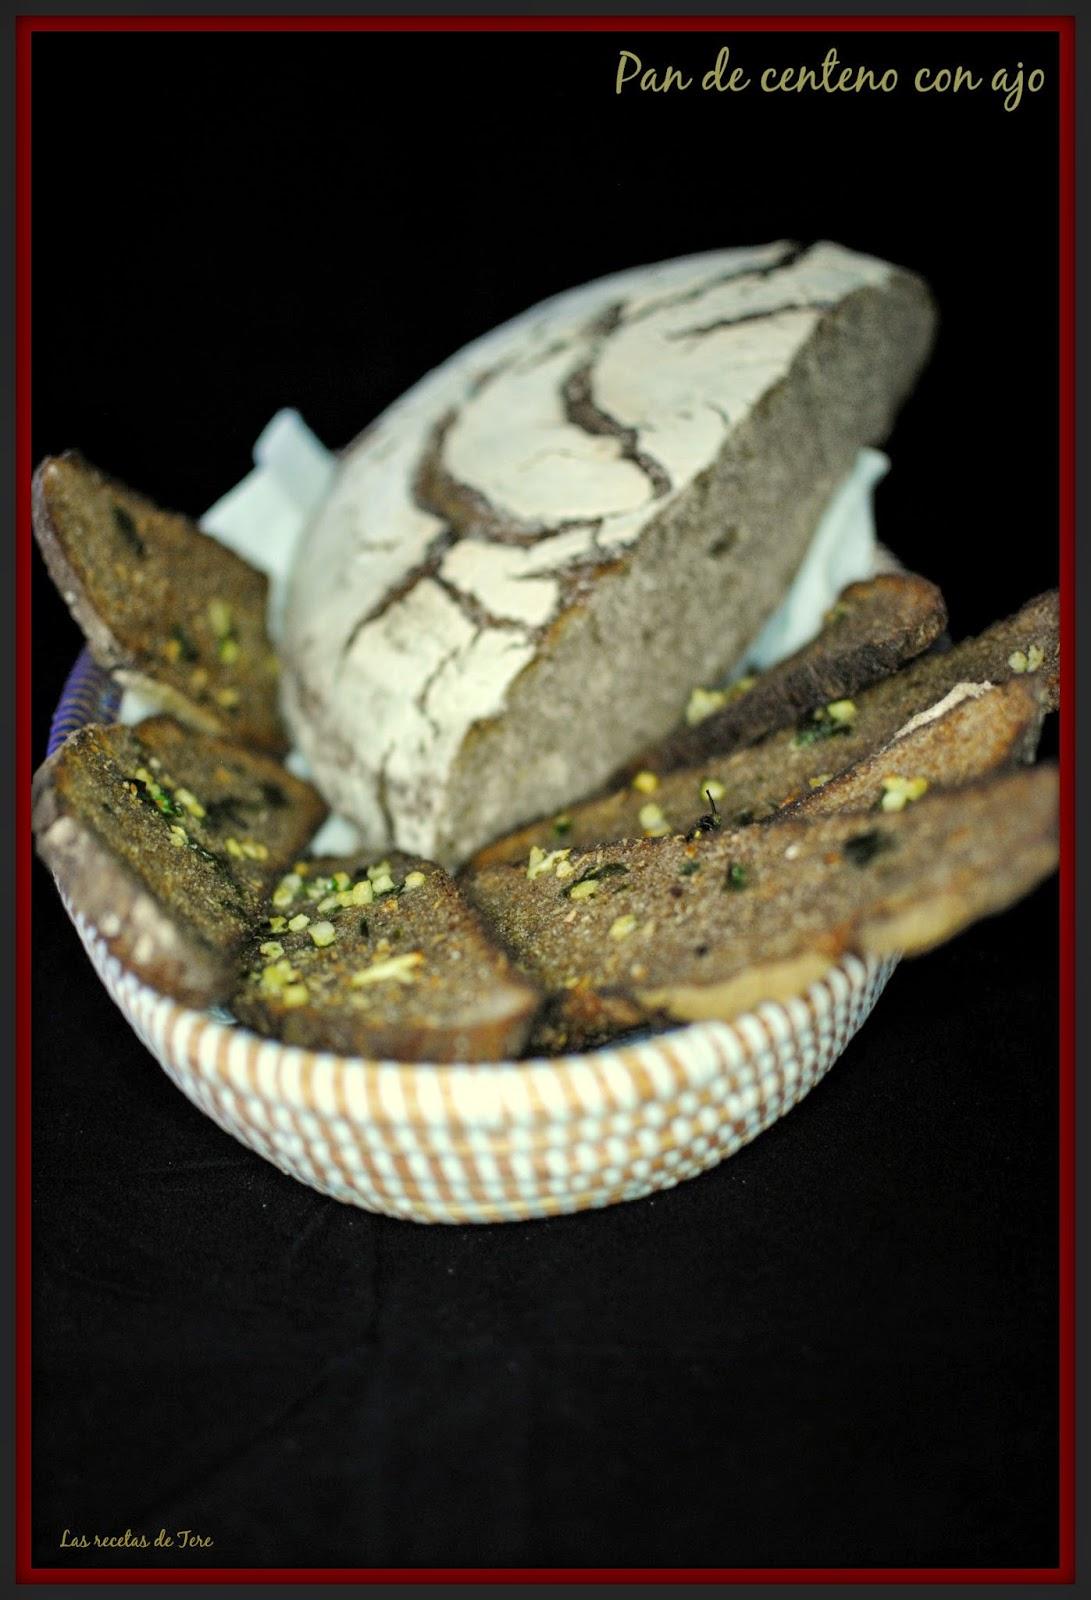 Pan de centeno con ajo tererecetas 02